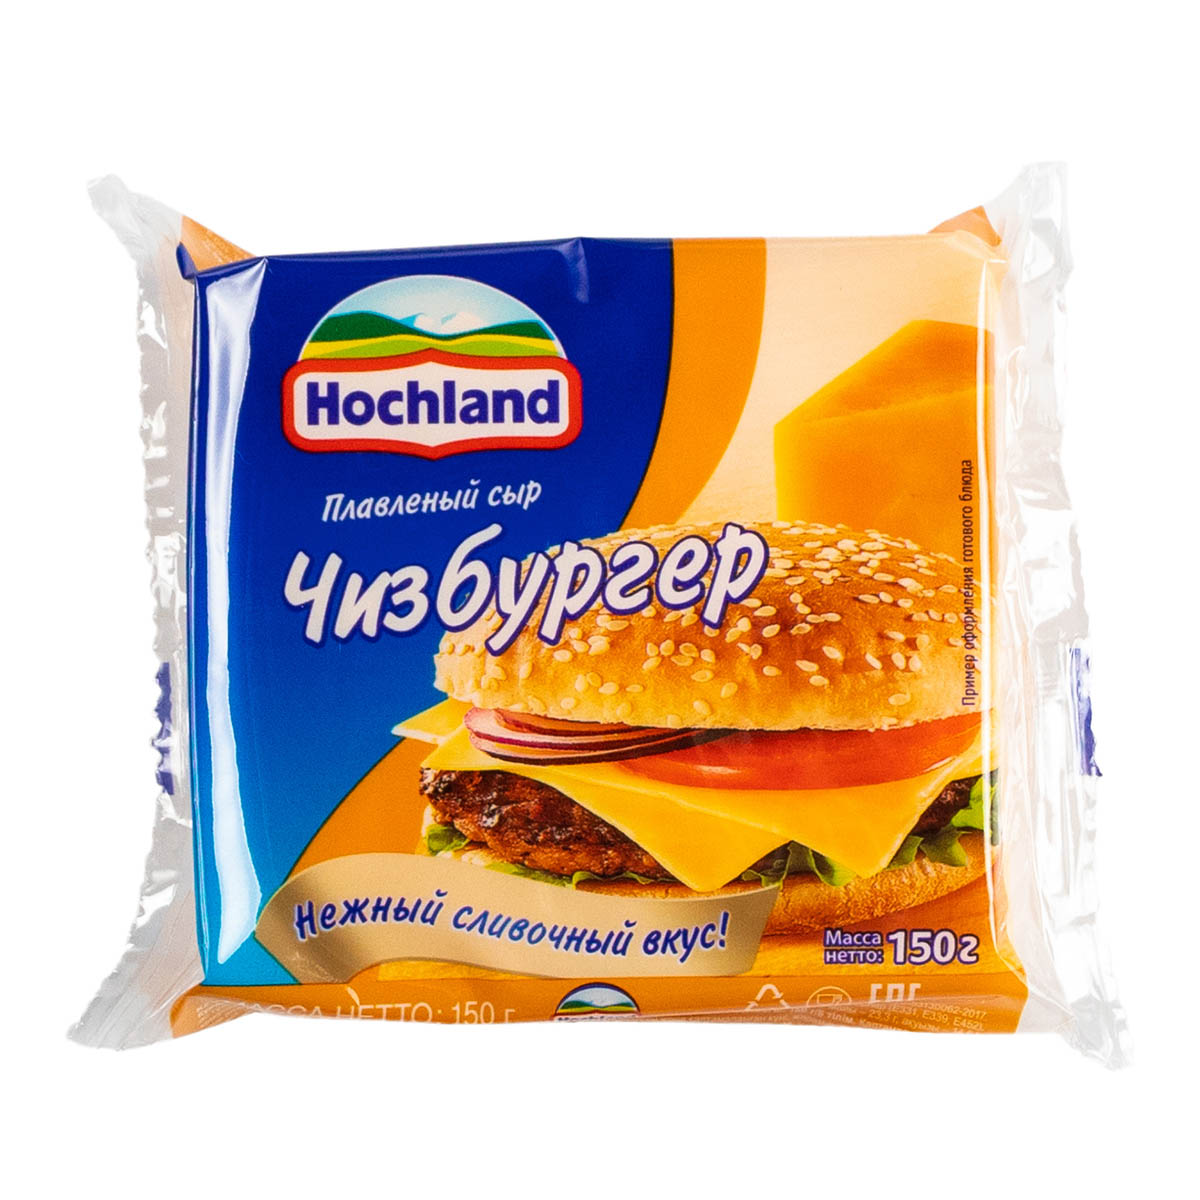 Hochland чизбургер